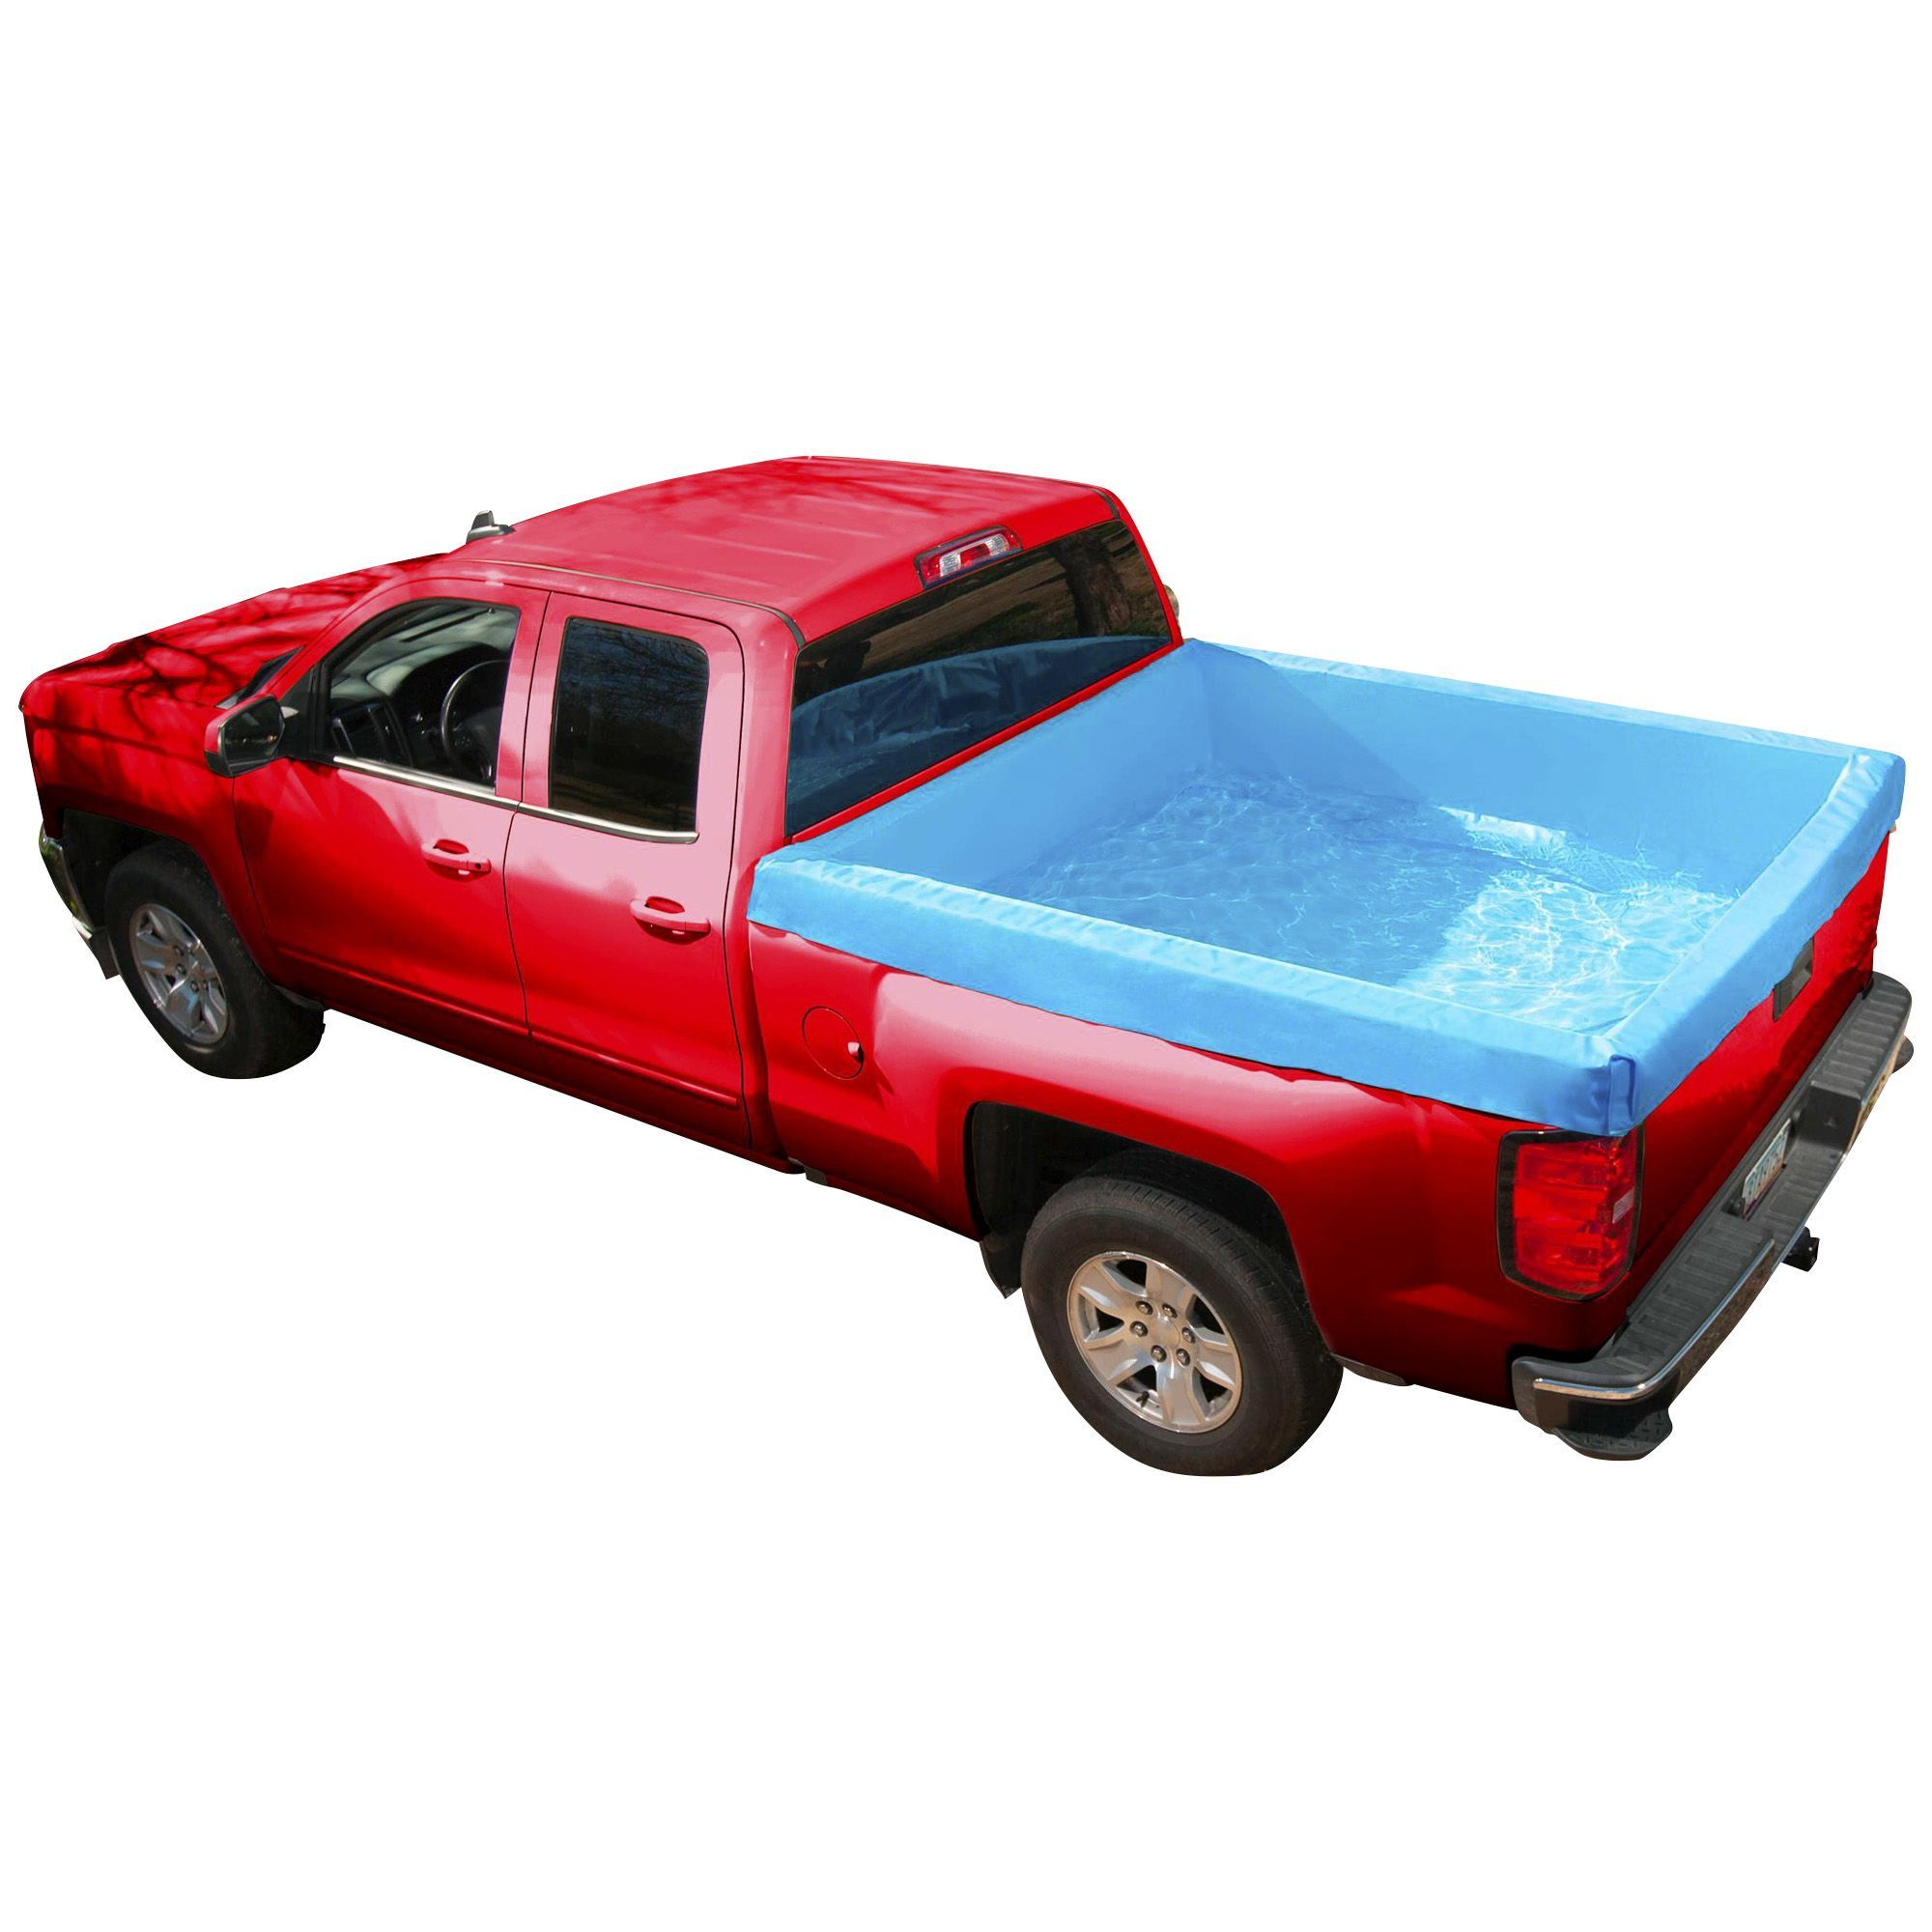 Fingerhut Bestway Payload 6 5 X 5 5 X 21 Pool Bestway Pool Liners Pickup Trucks Bed